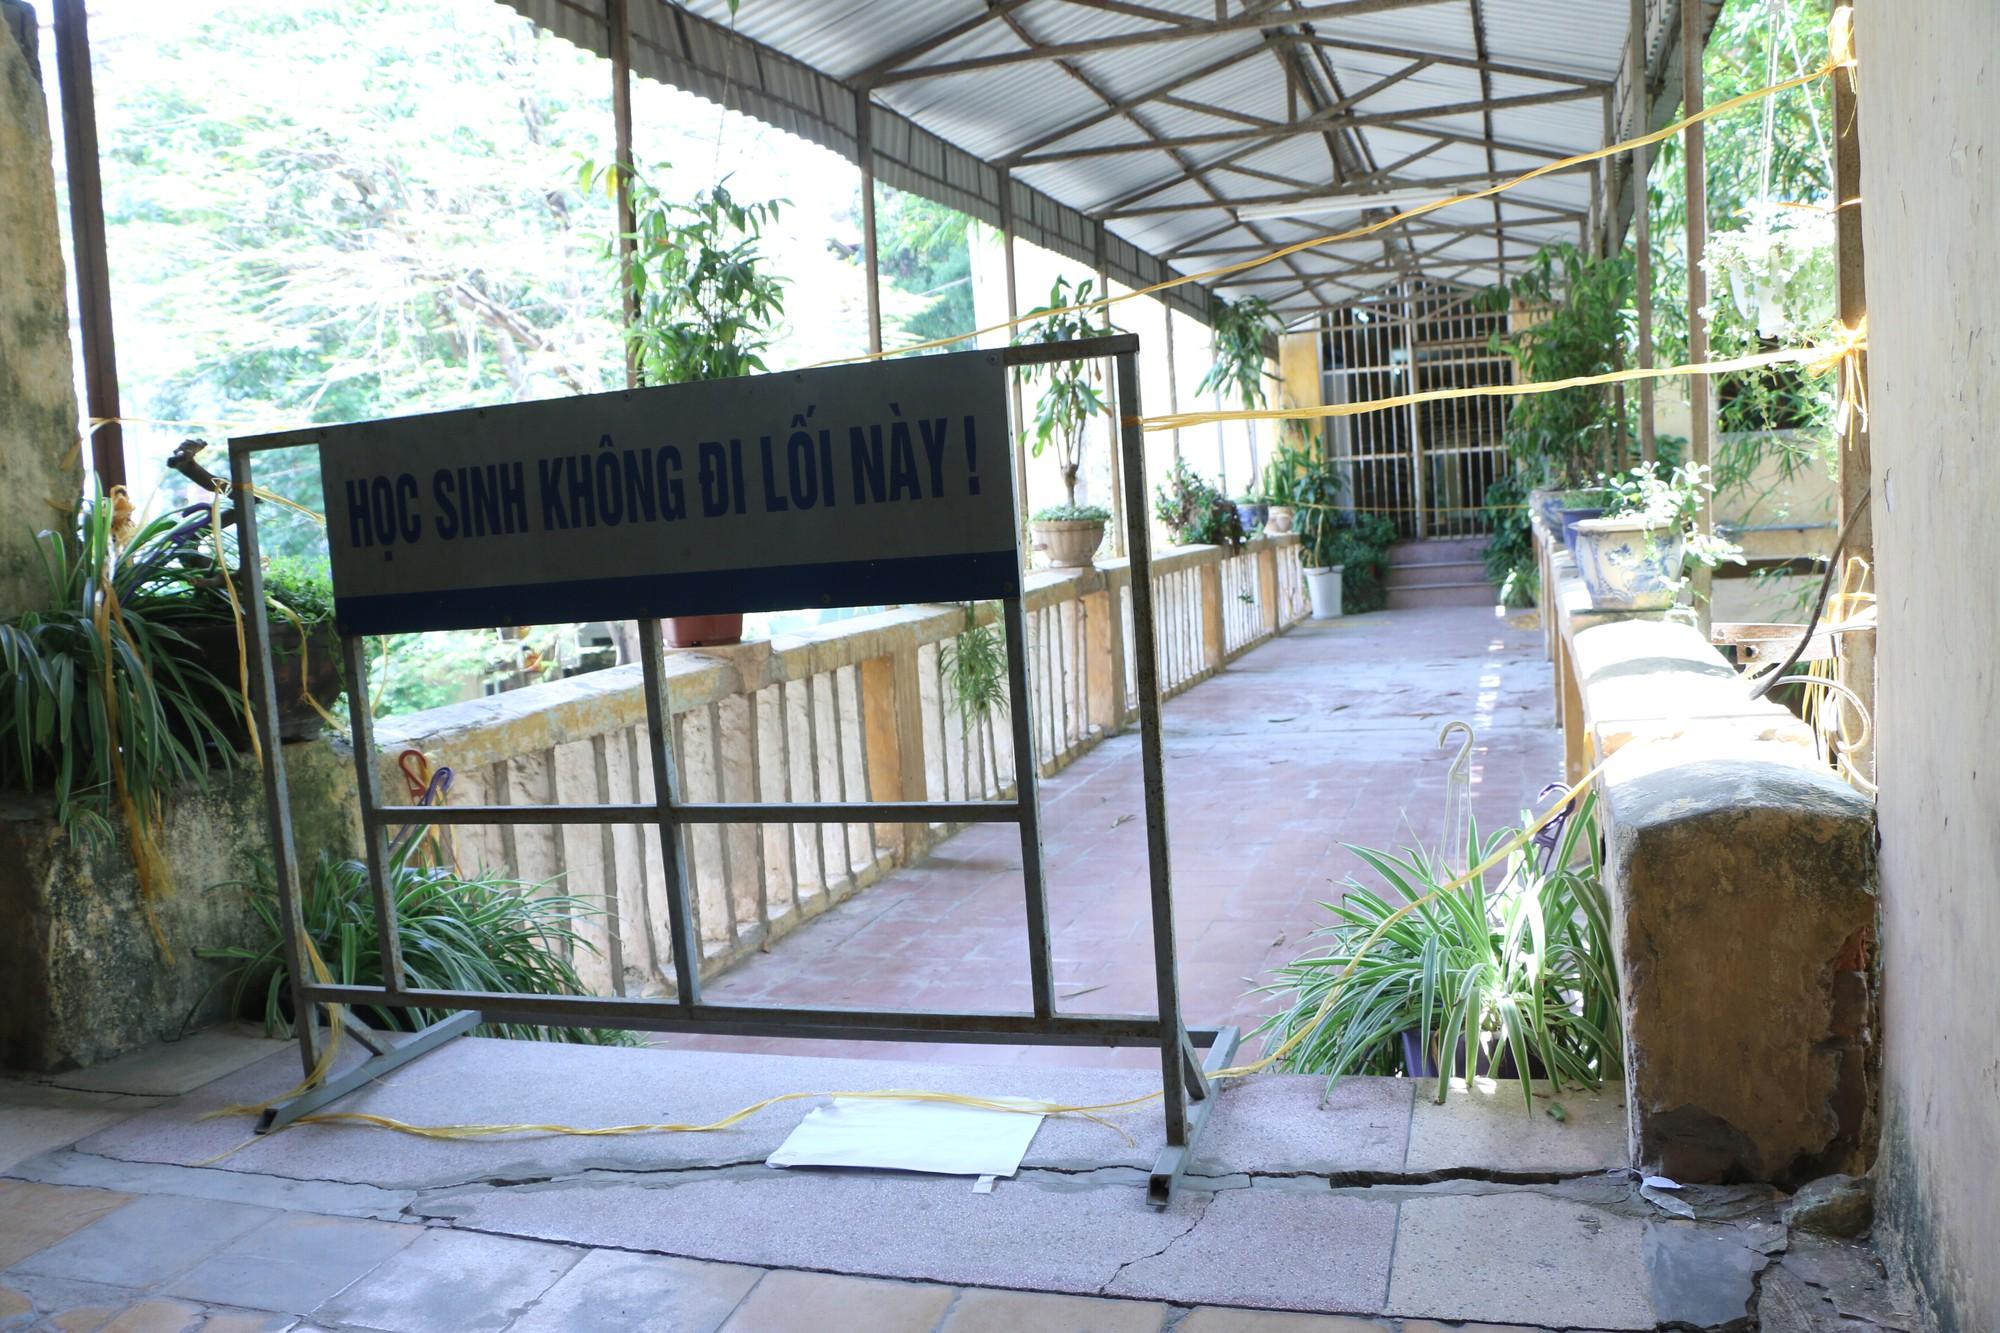 Vữa trần rơi, lan can được rào tạm bằng dây thép gai, ngôi trường cấp 3 giữa Hà Nội có nguy cơ đổ sập  - Ảnh 21.